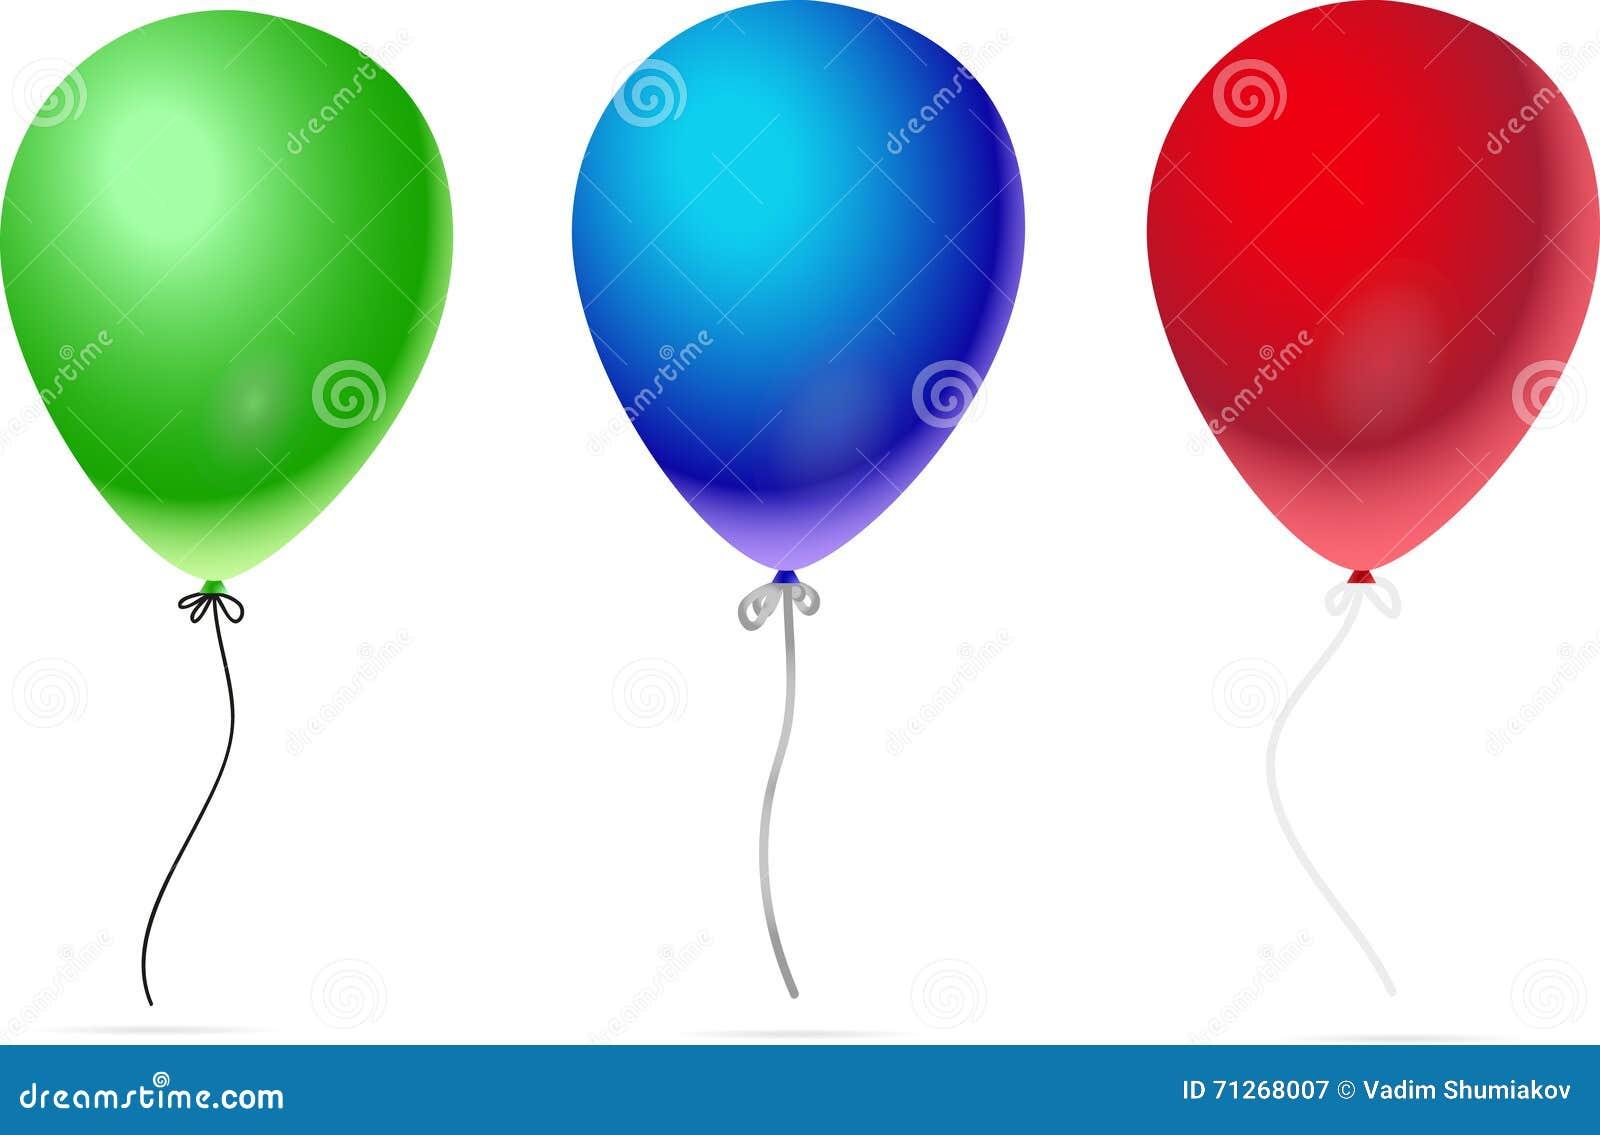 balloons white background - photo #30